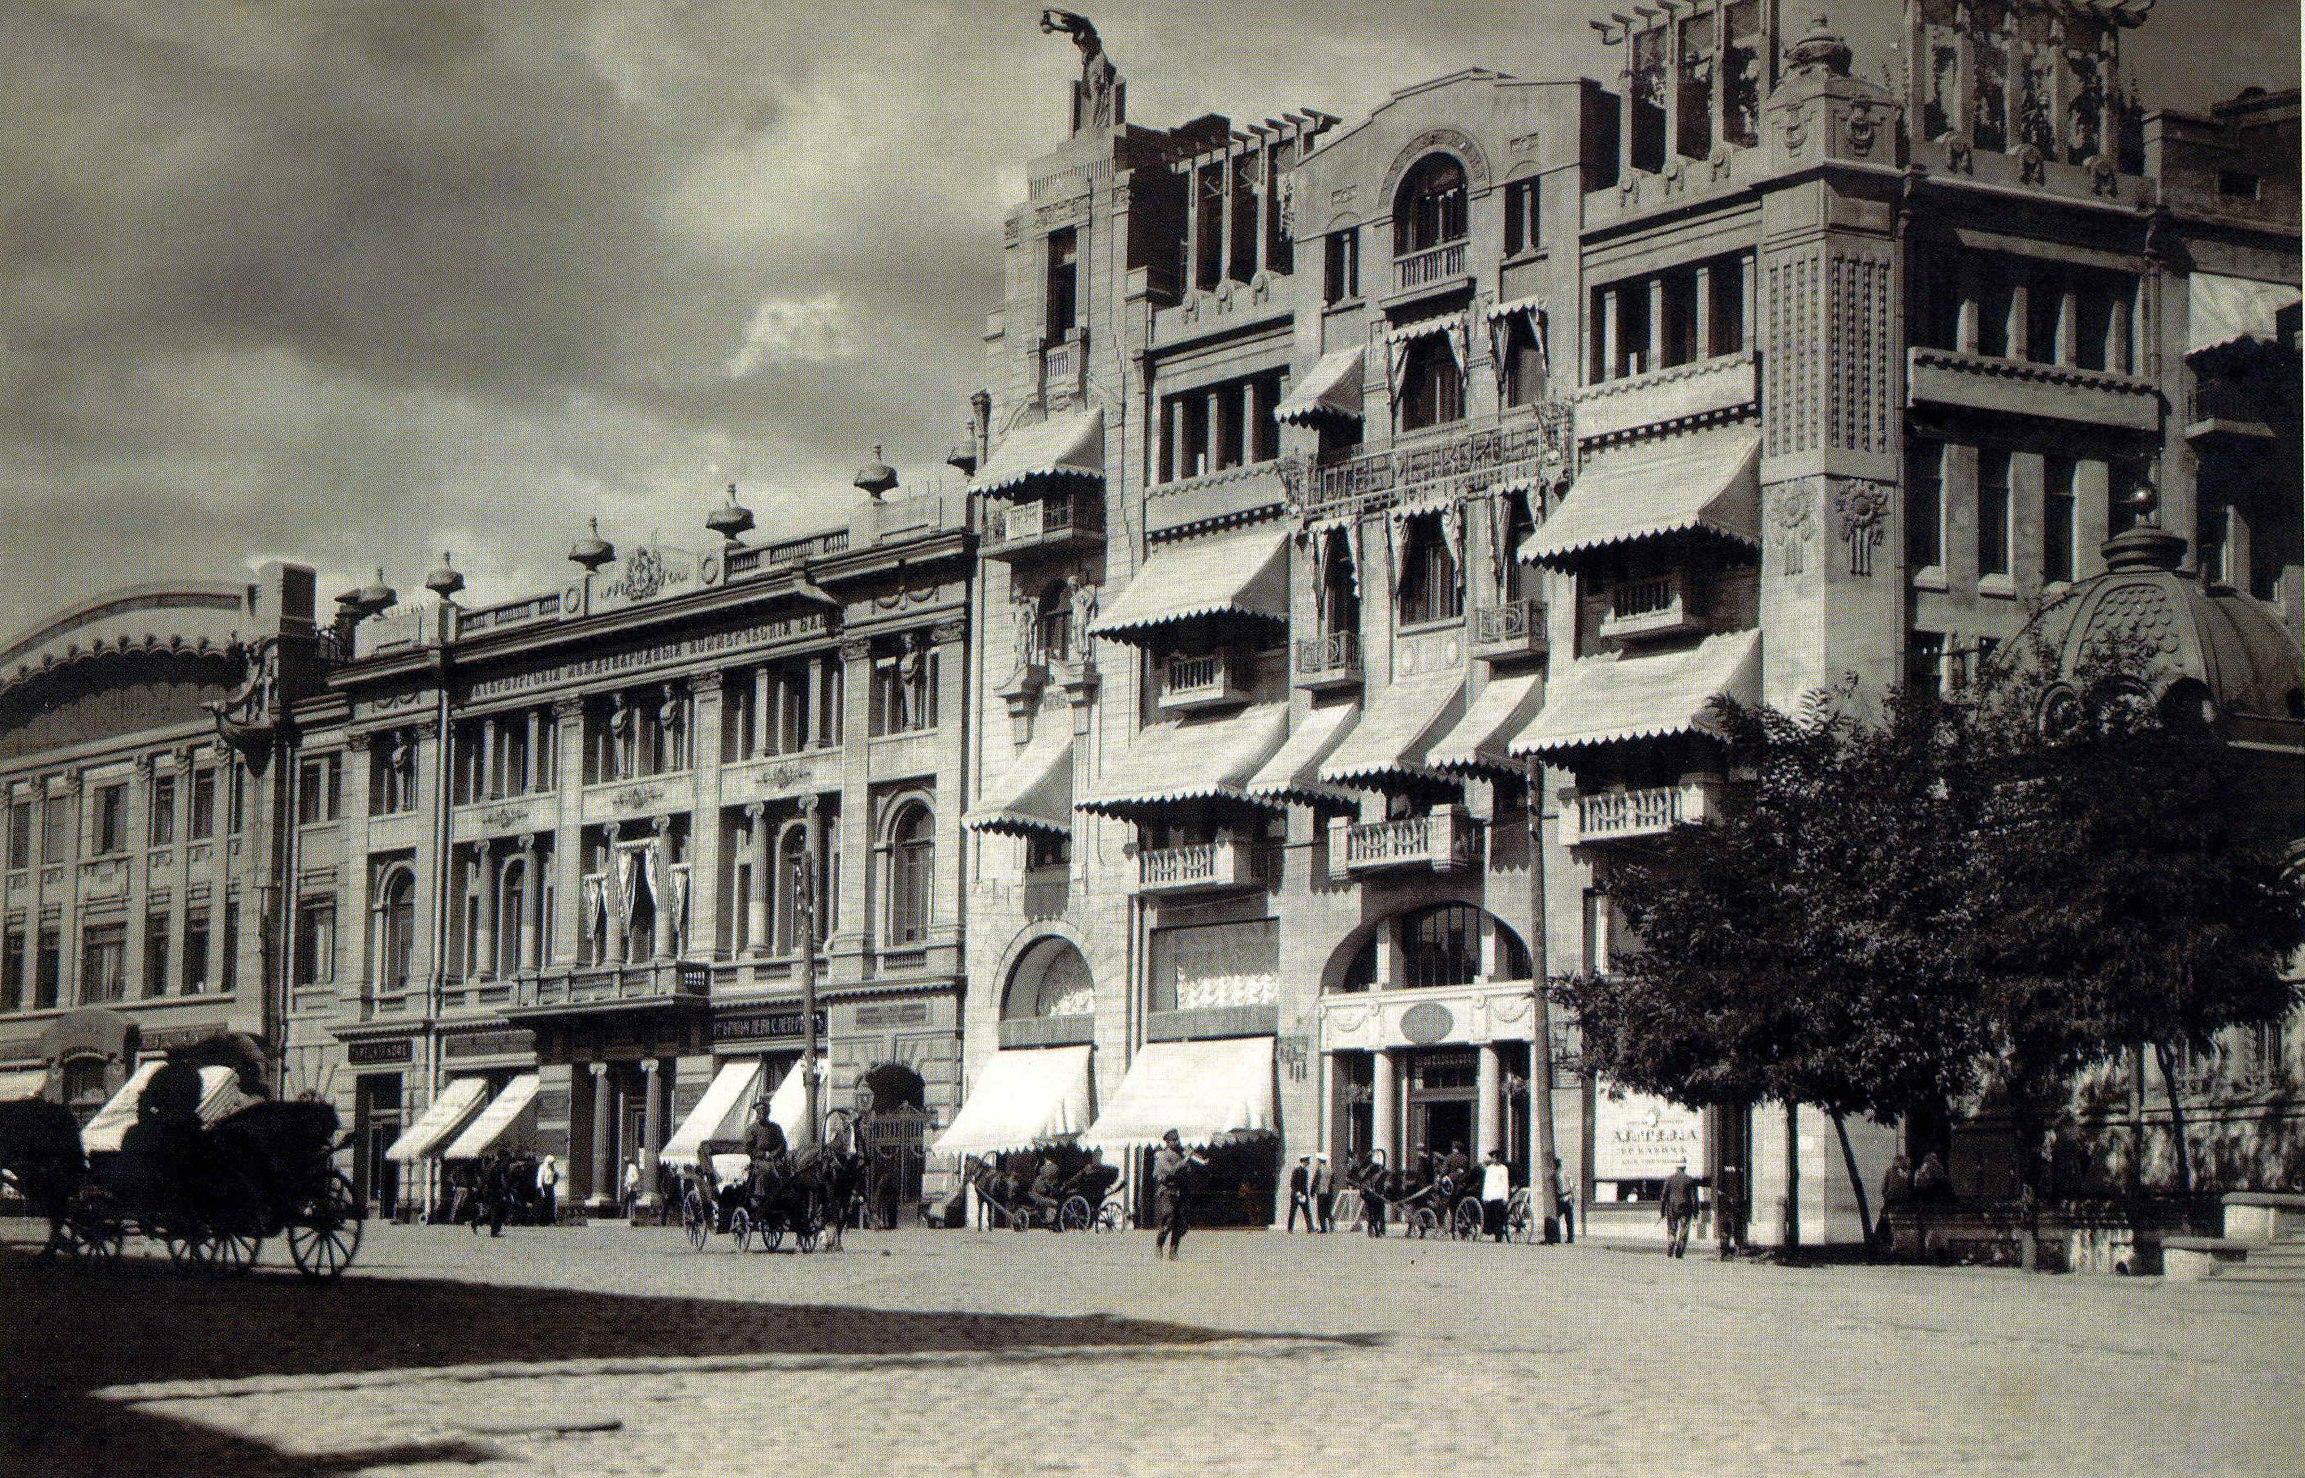 Отель Метрополь, 1914